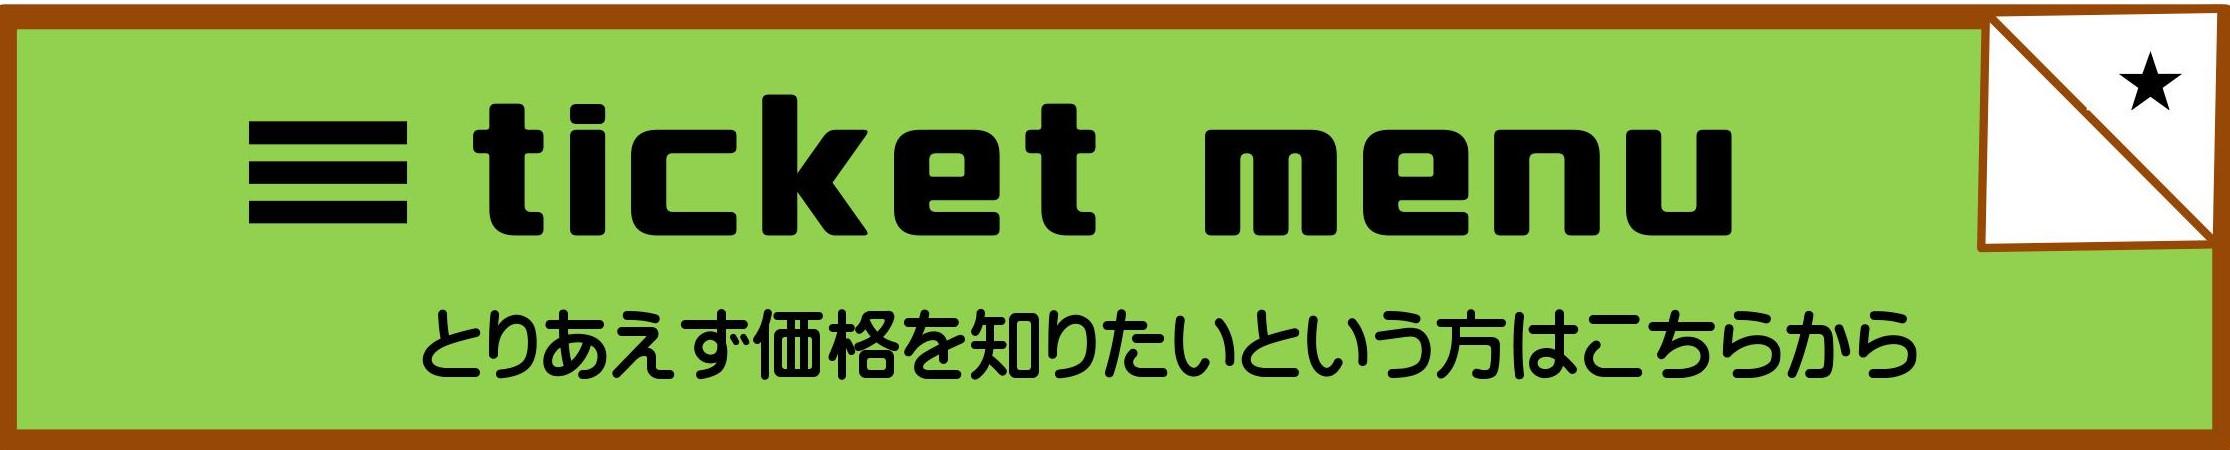 豊橋金券ショップフリーチケット 価格表